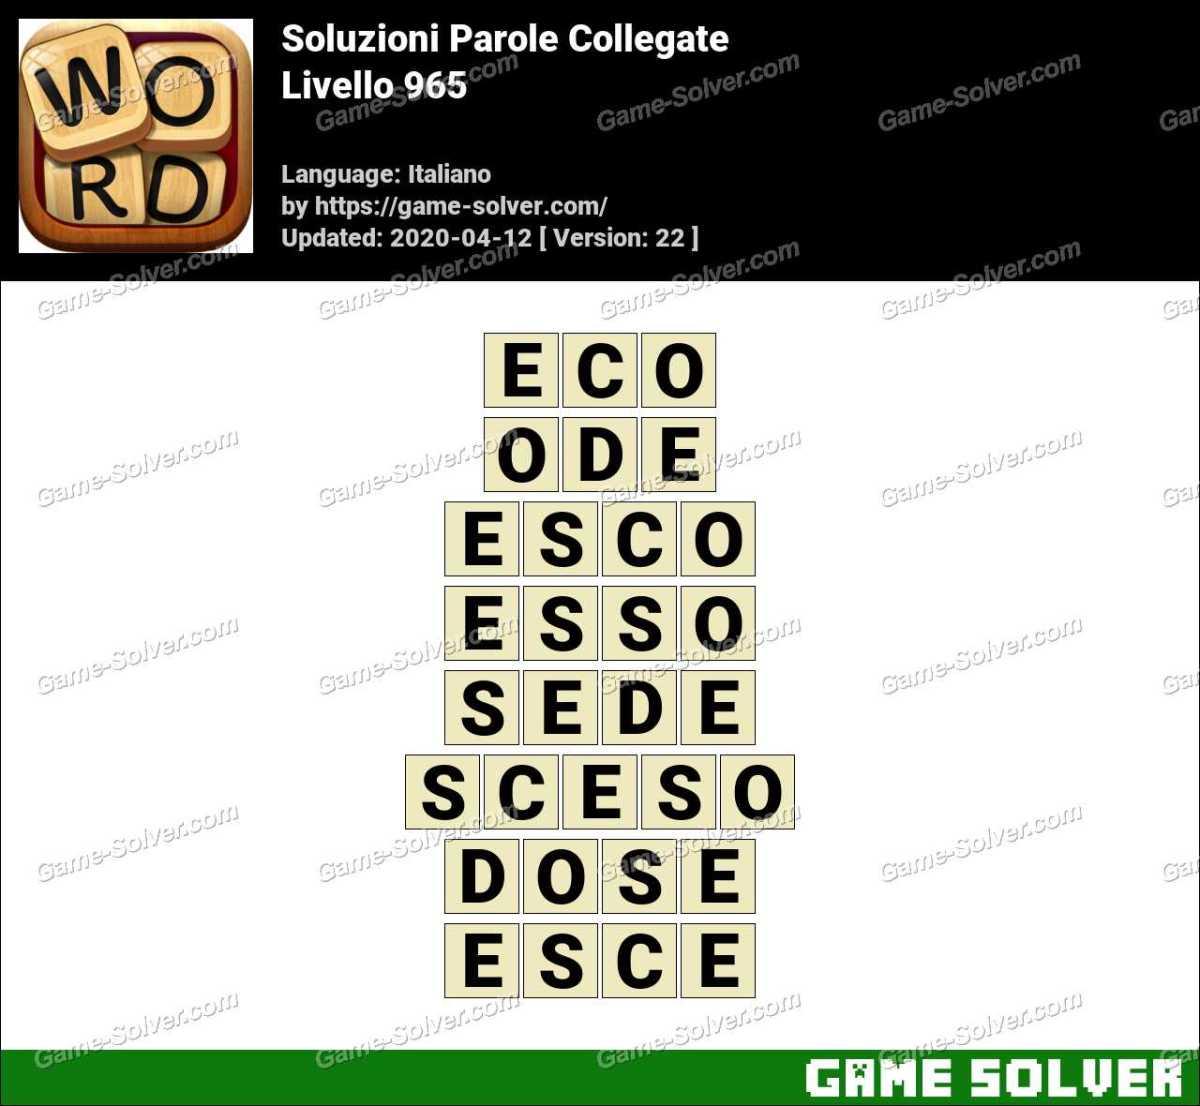 Soluzioni Parole Collegate Livello 965